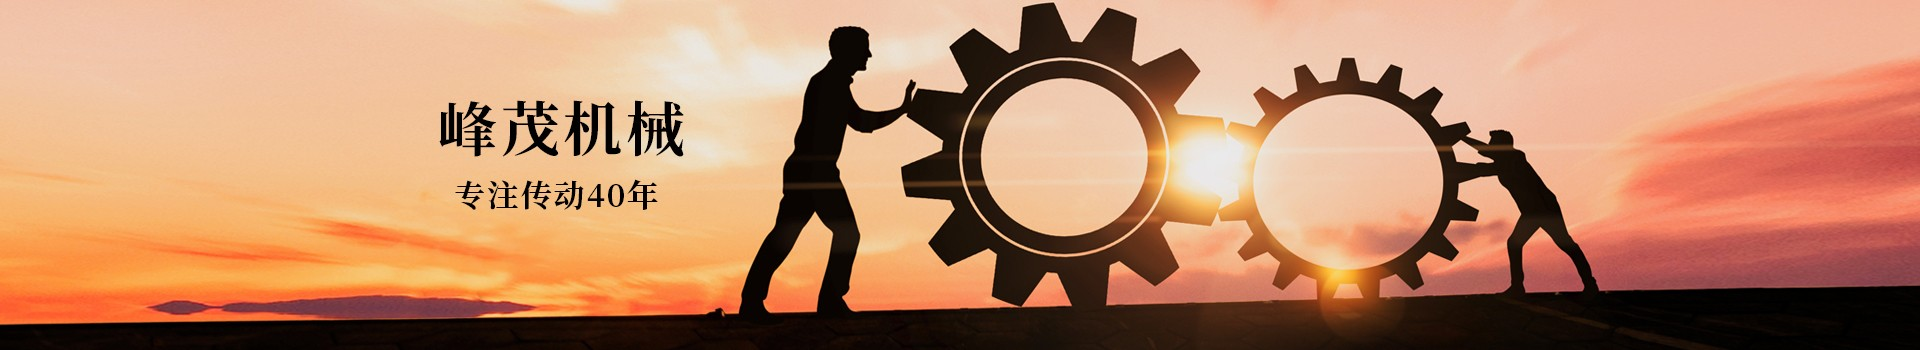 东莞市峰茂机械设备有限公司,专注齿条齿轮传动40年